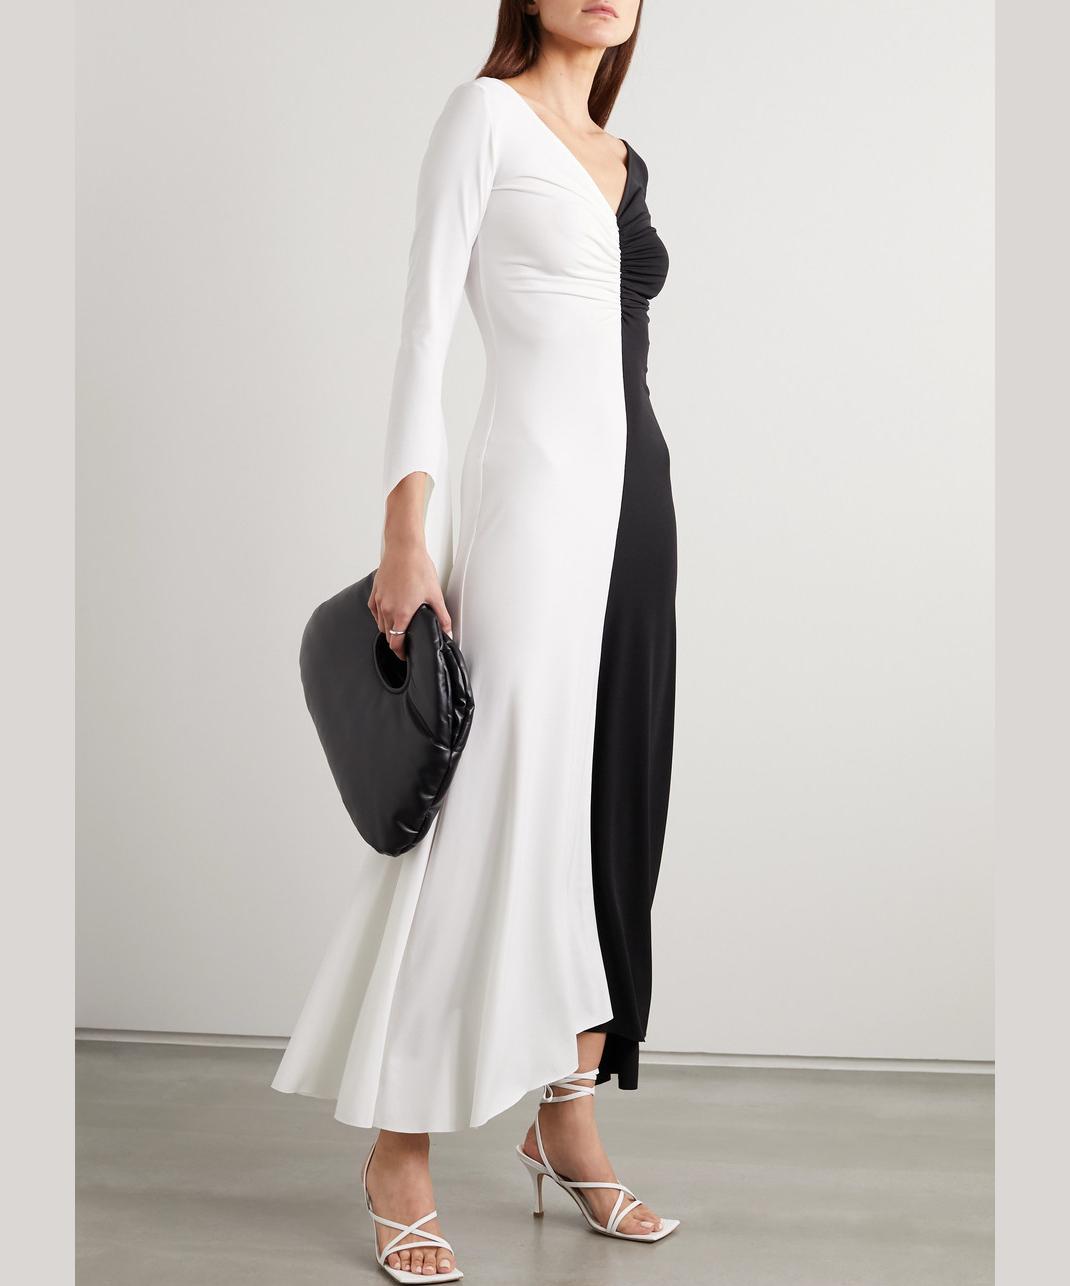 μοντέλο με ασπρόμαυρο φόρεμα